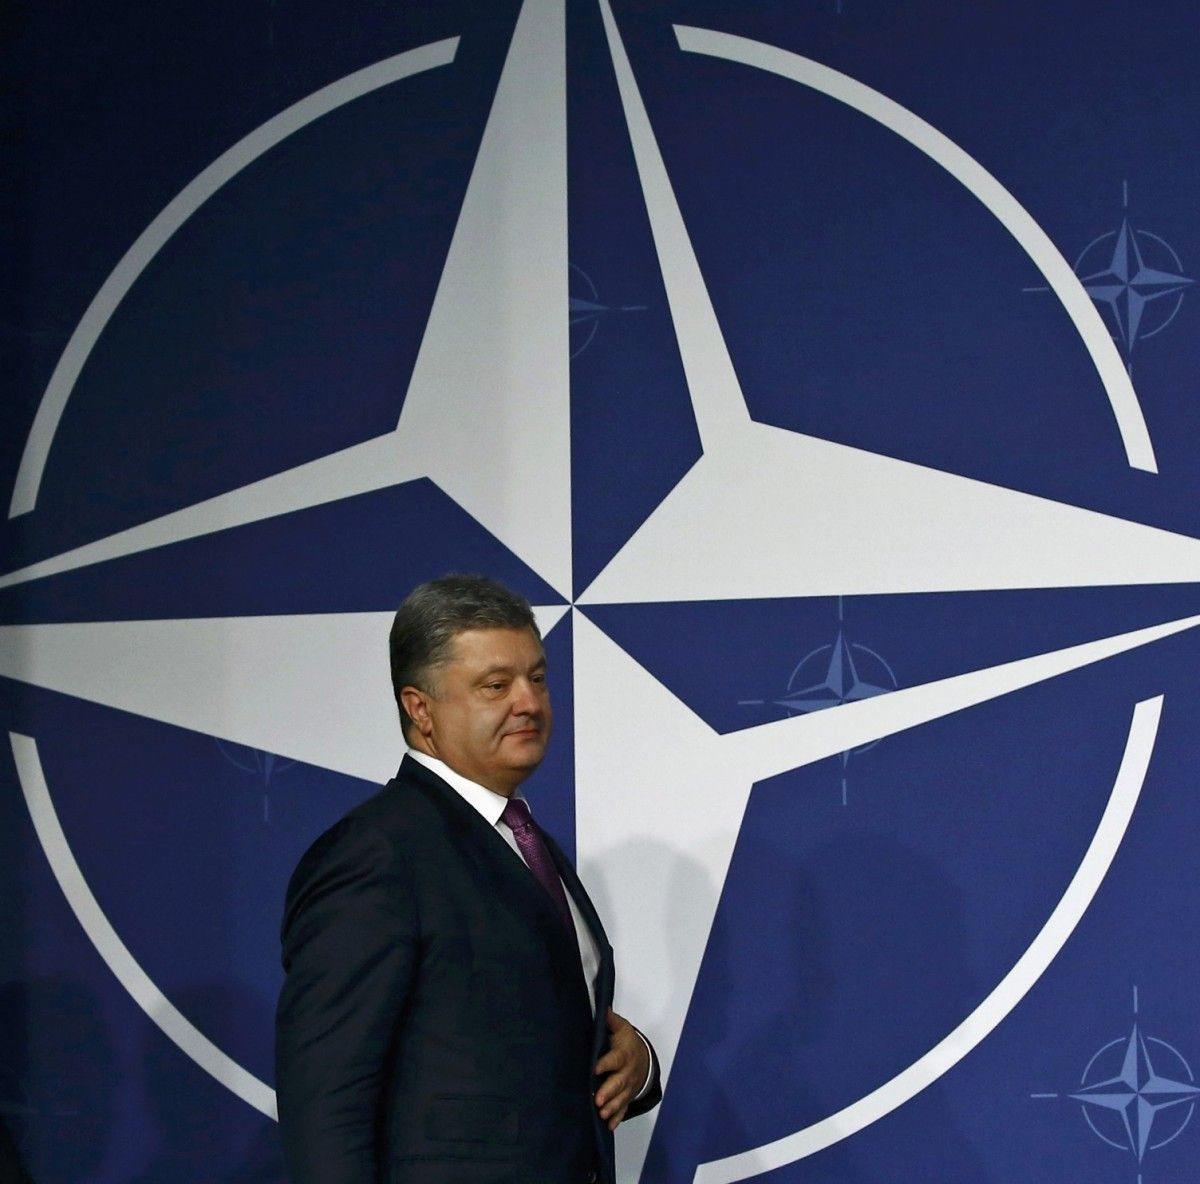 Петро Порошенко на саміті НАТО у липні / REUTERS